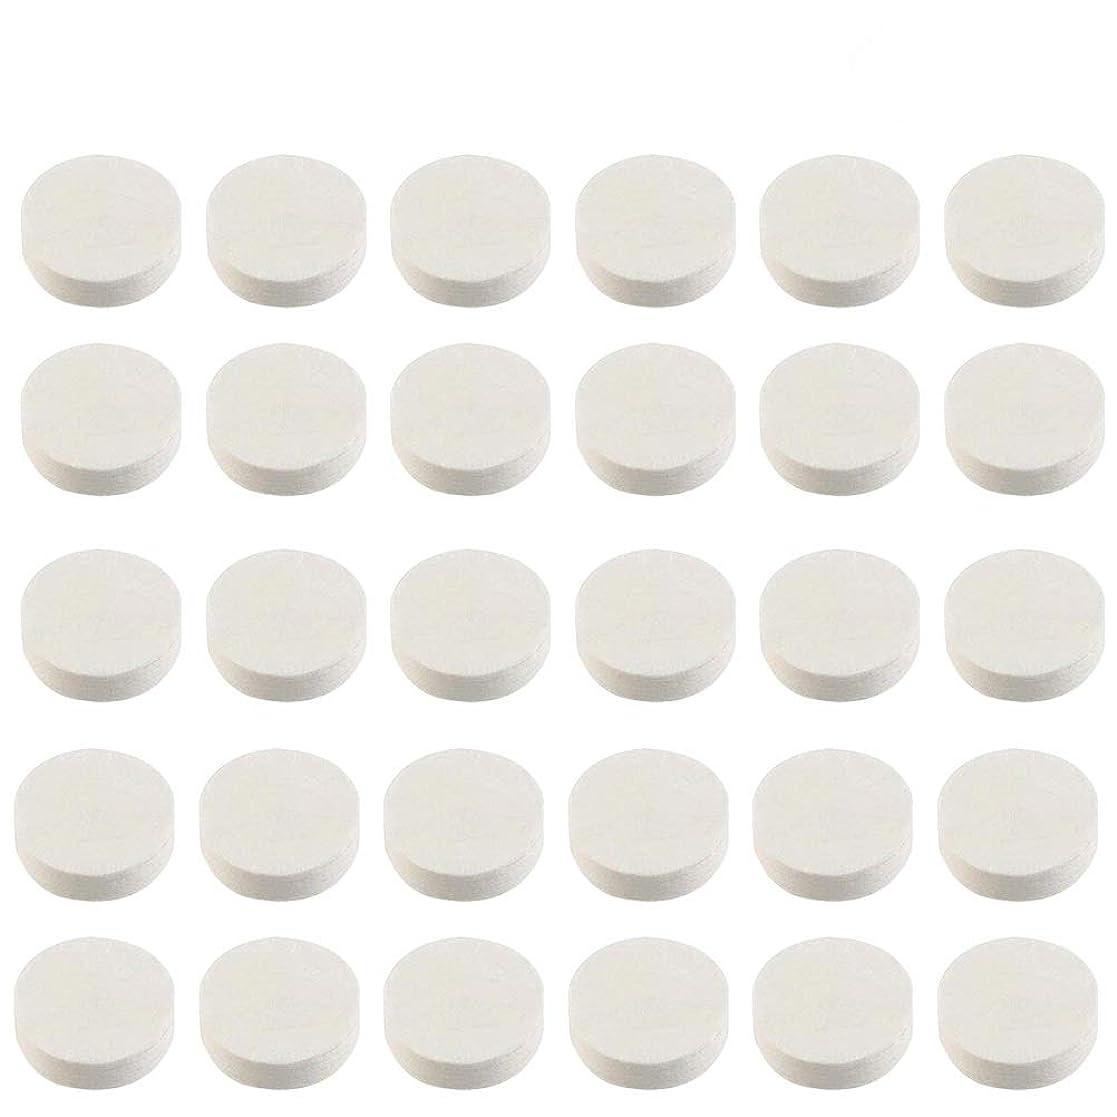 ずっと弁護人ようこそWINOMO 圧縮マスク 圧縮フェイスパック 圧縮マスクシート スキンケア DIY美容マスク ランダムカラー 30枚入り 携帯便利 使い捨て